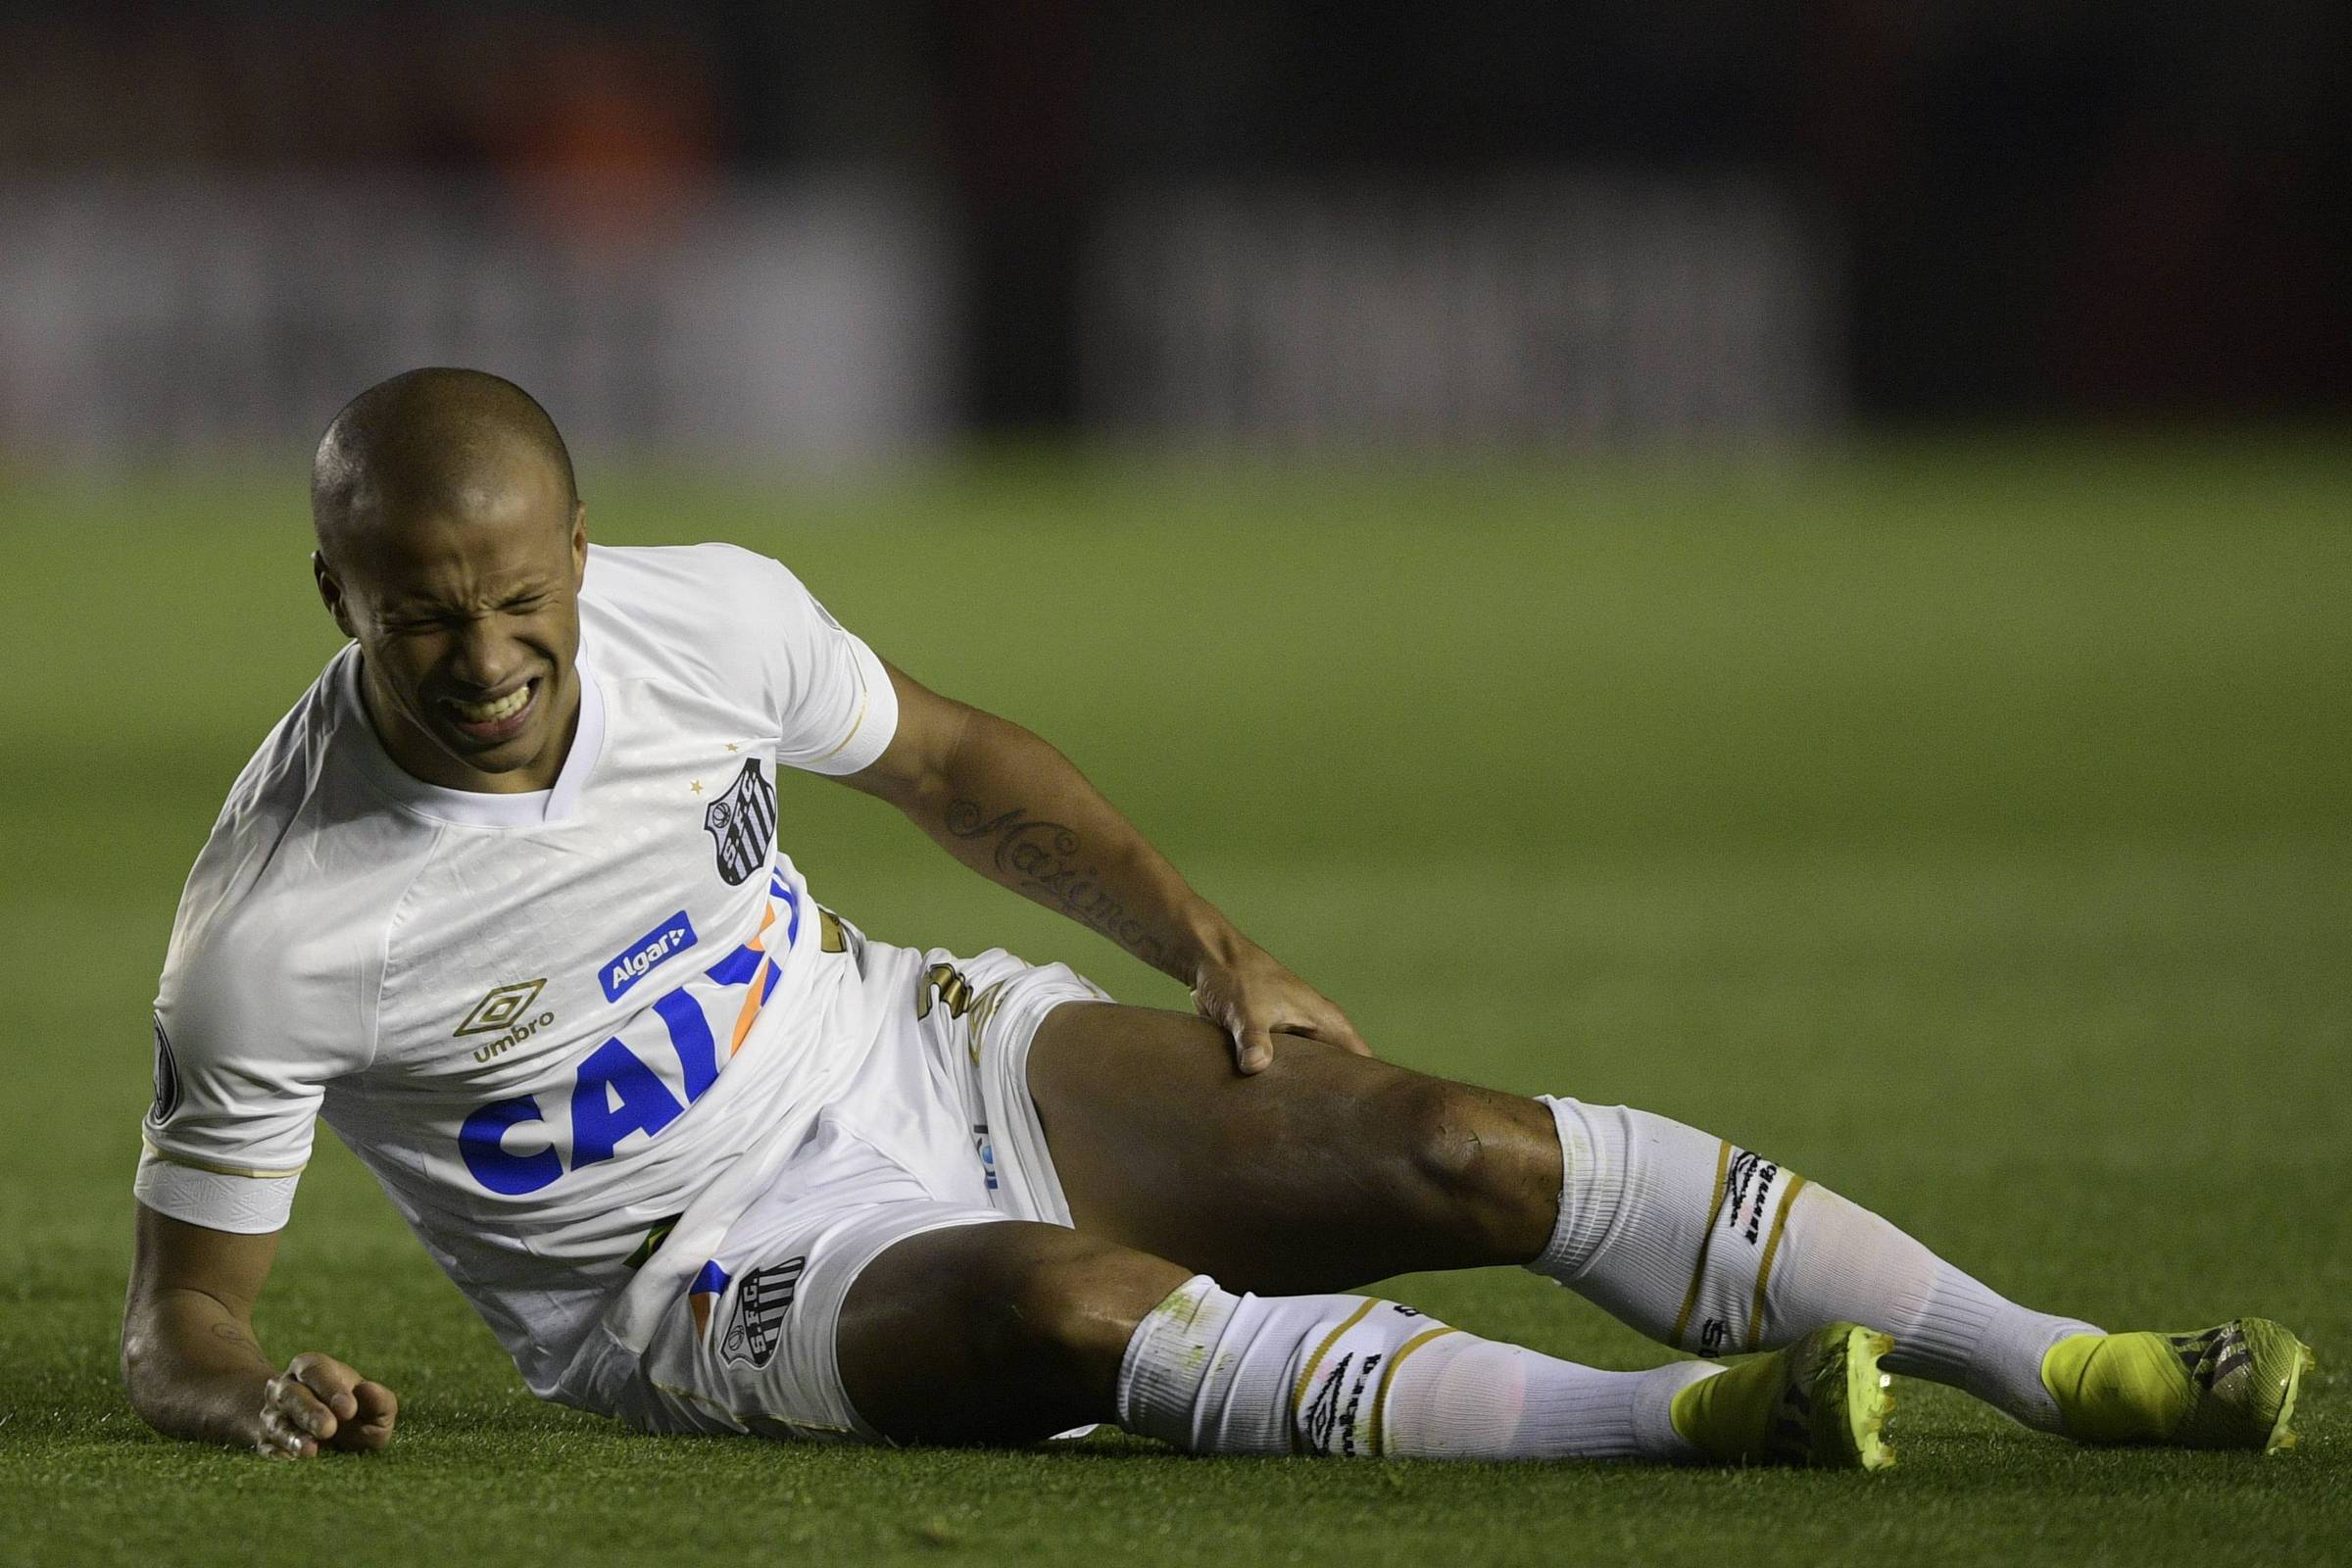 Conmebol adia decisão sobre punição ao Santos para dia do jogo de volta -  27 08 2018 - Esporte - Folha 909f523ade090